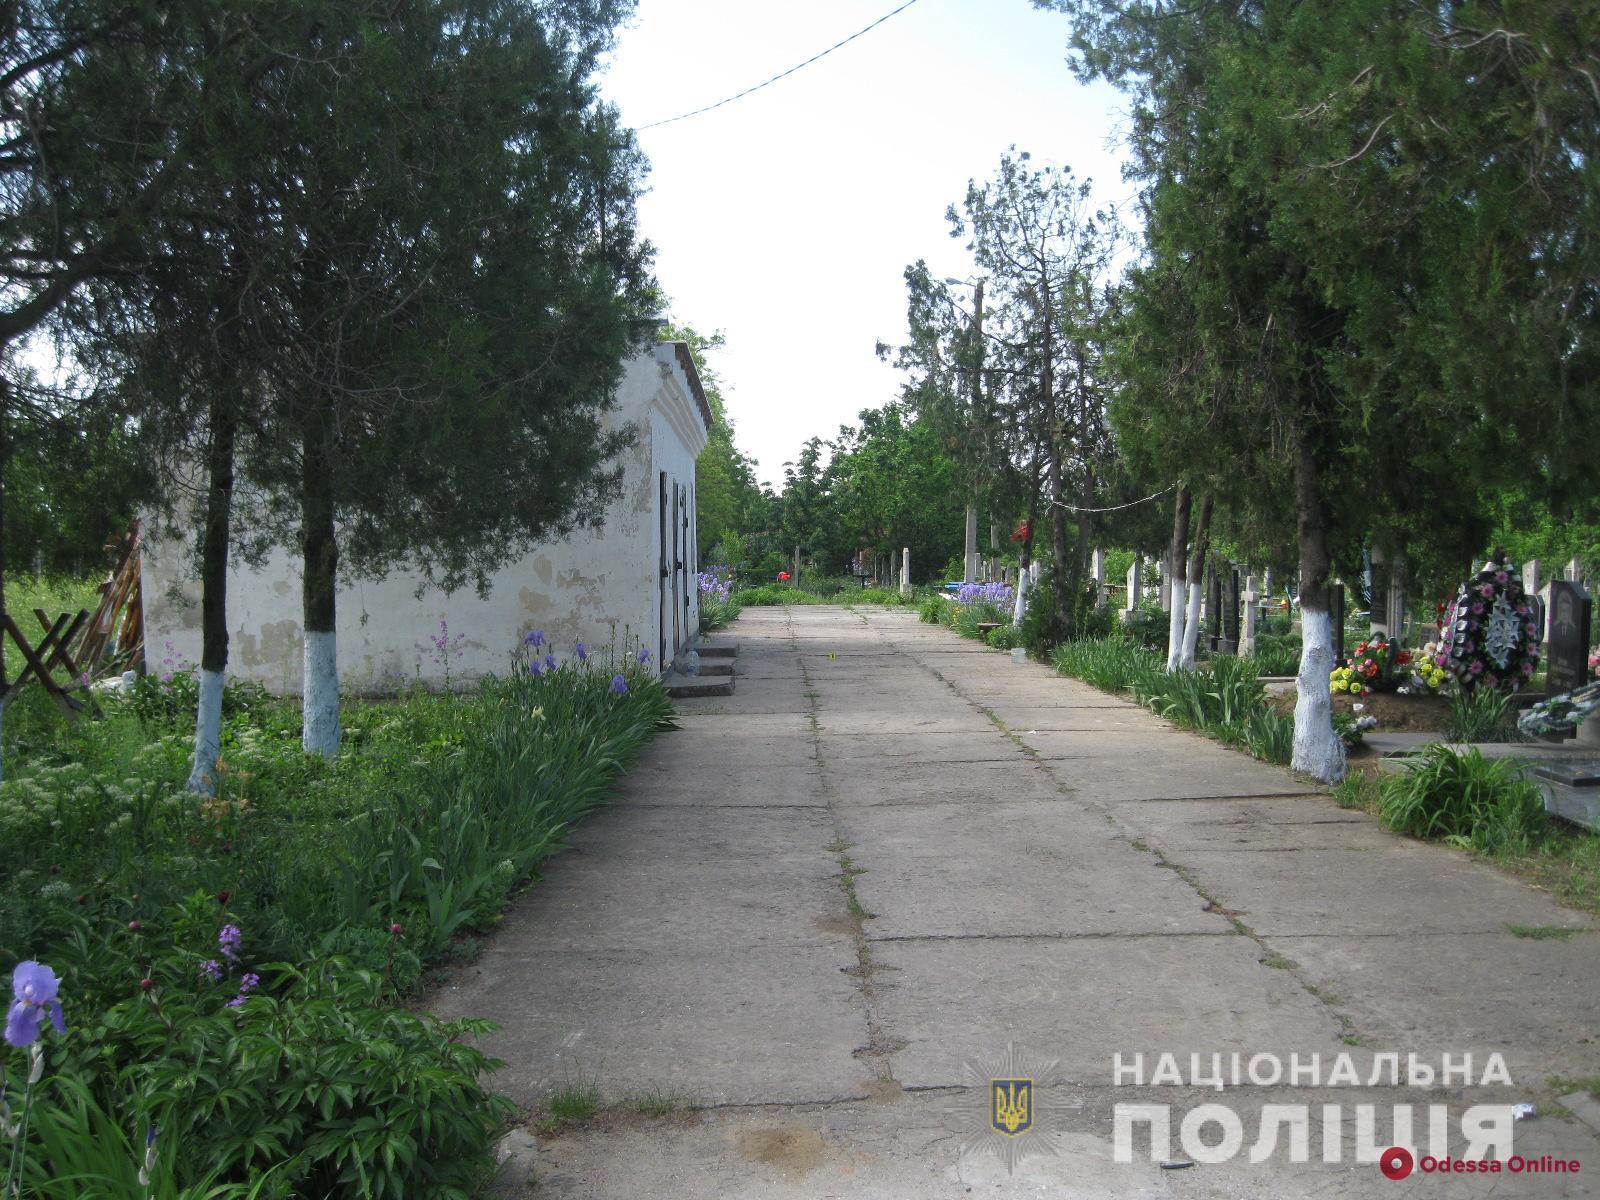 На кладбище в Одесской области двое мужчин стреляли в семейную пару пенсионеров